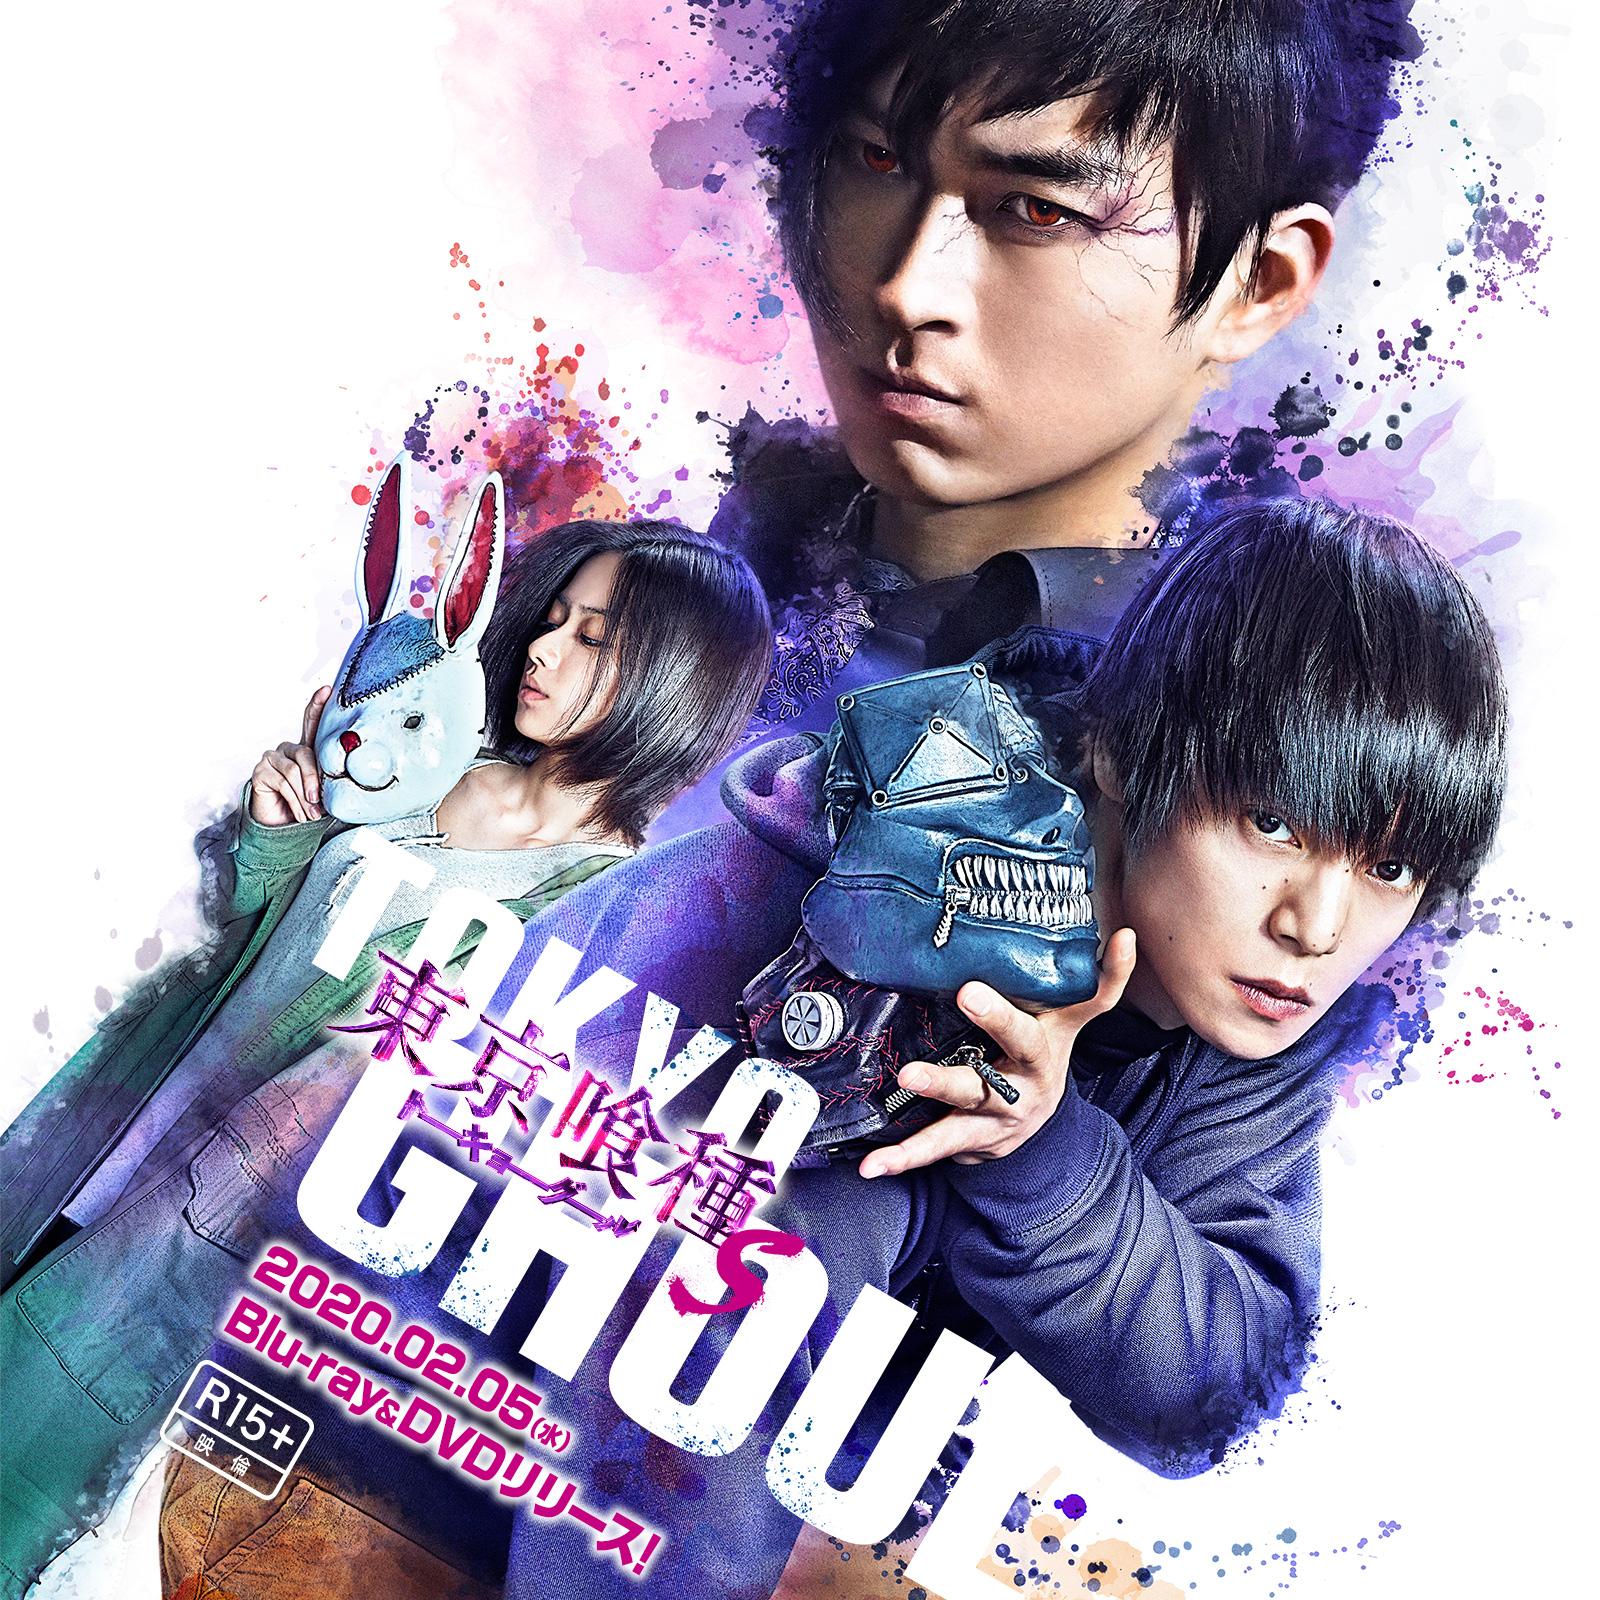 歌 東京 グール 主題 illion、映画『東京喰種』主題歌「BANKA」MVに人間の二面性